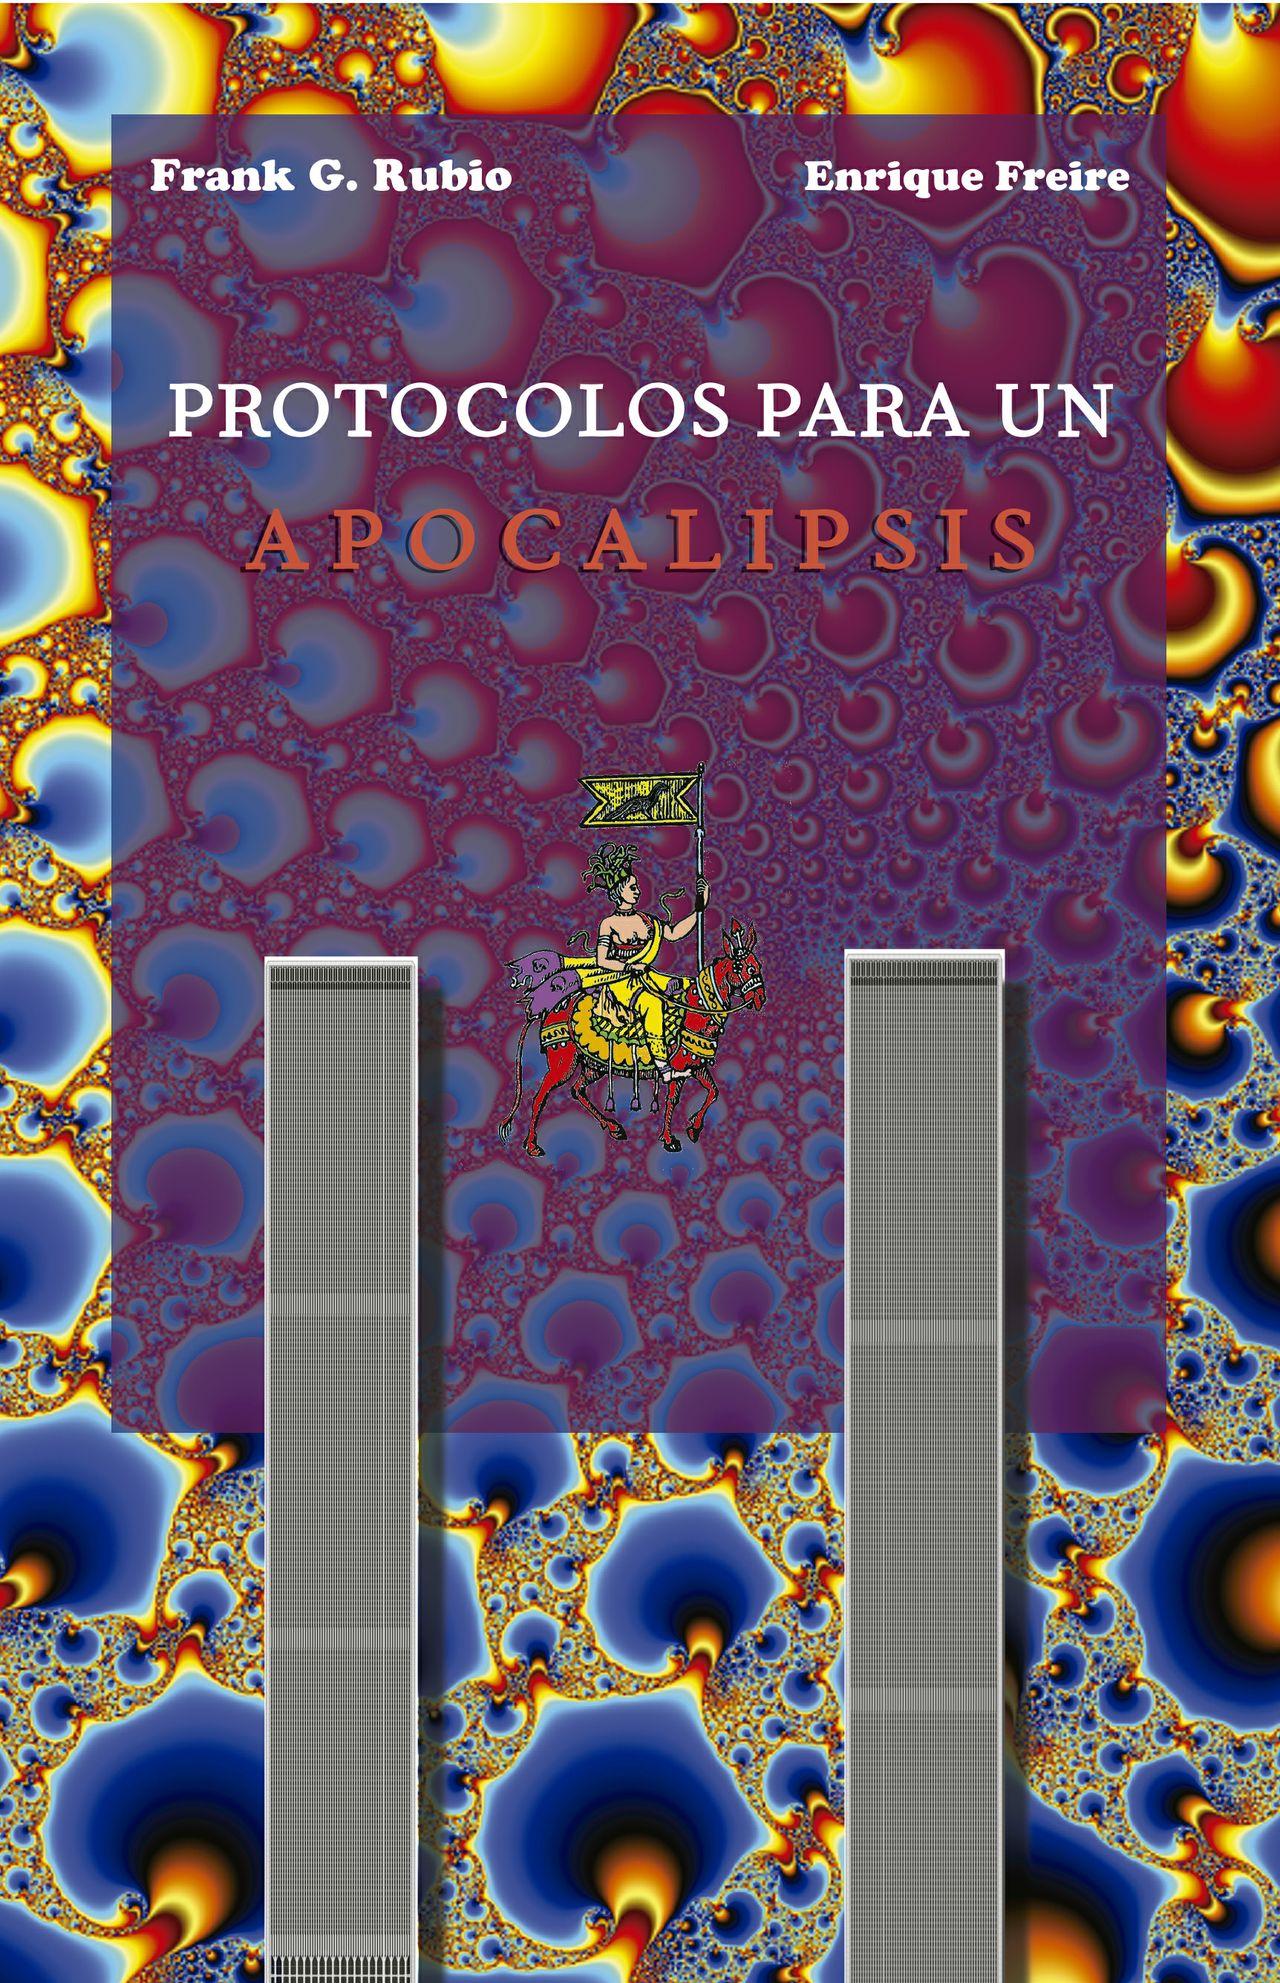 Protocolos para un apocalipsis - Frank G. Rubio y Enrique Freire